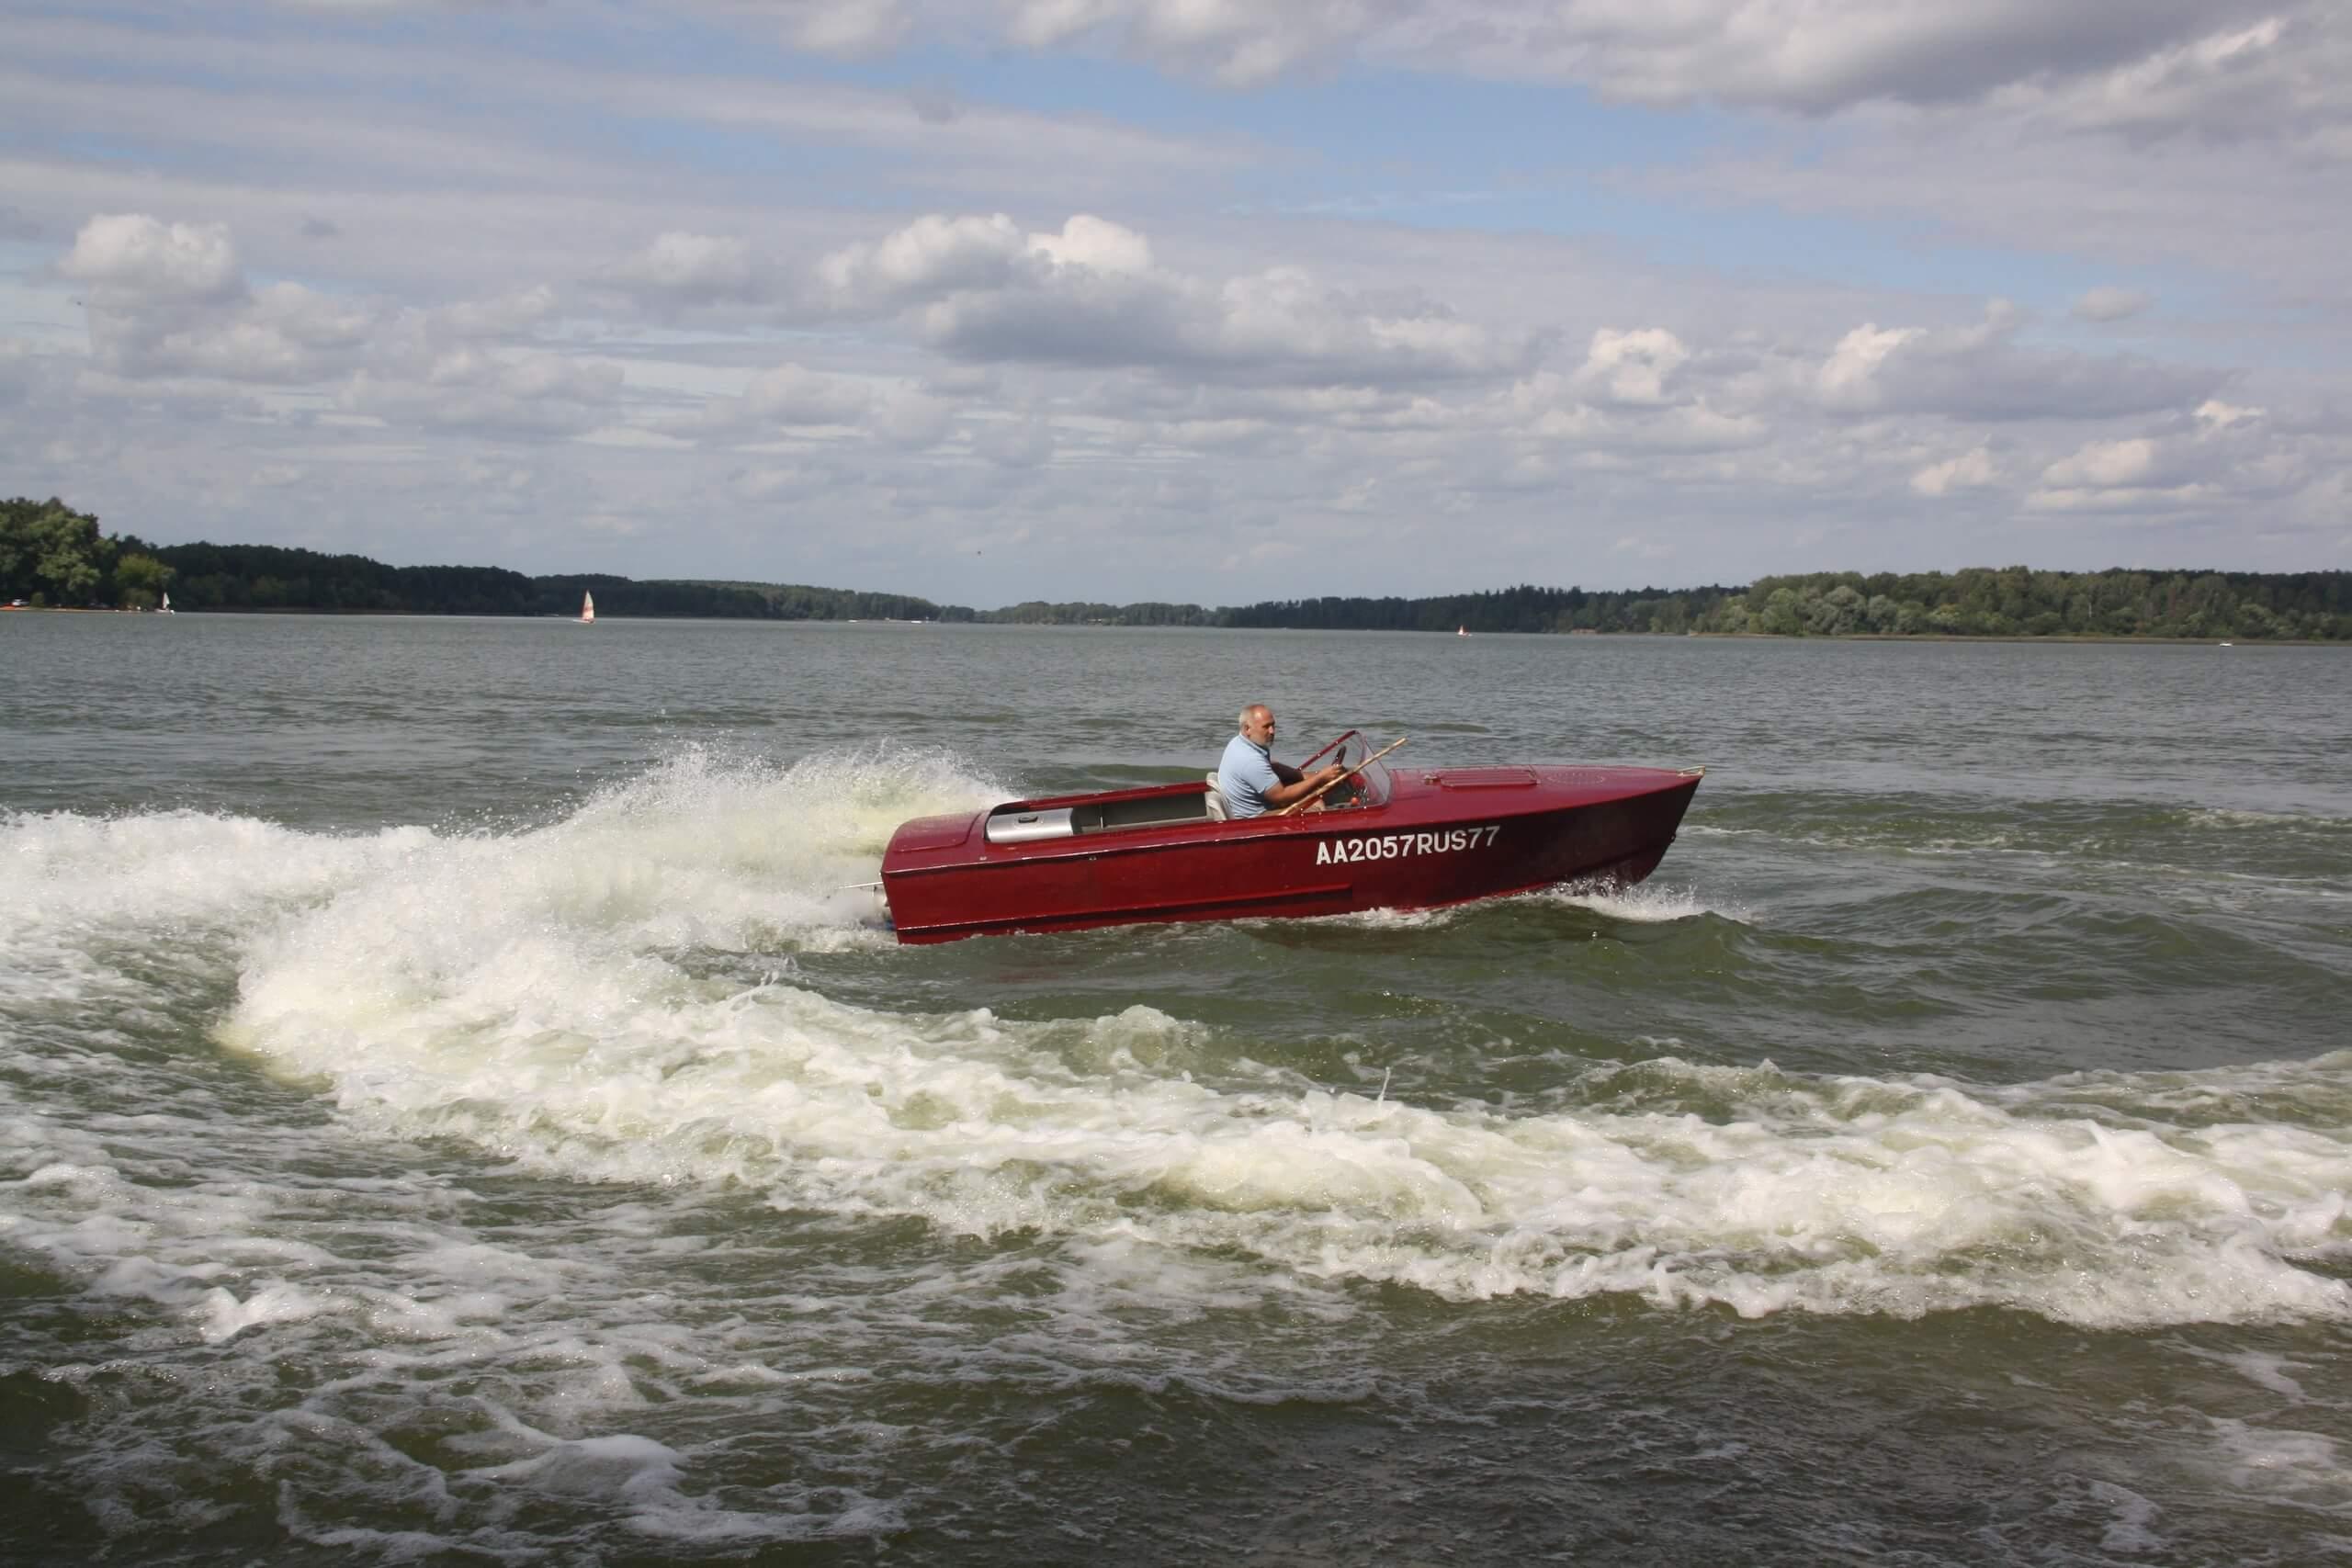 Водометный катер быстроходен, способен разворачиваться практически на месте и обладает высокой проходимостью на мелководье